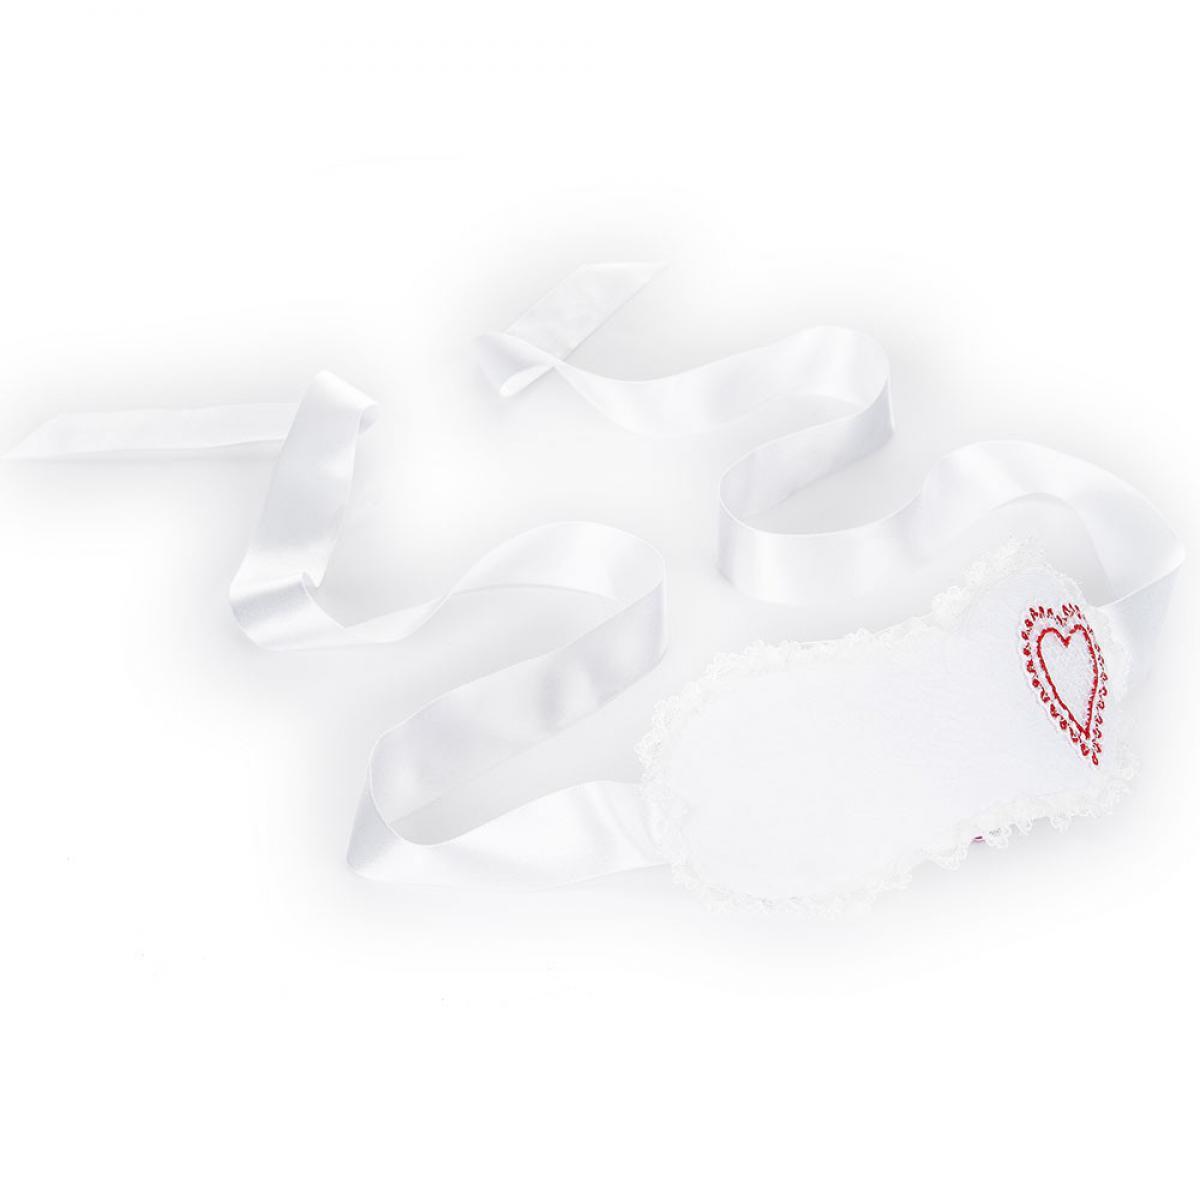 Promo : Masque Pour Les Yeux Blanc